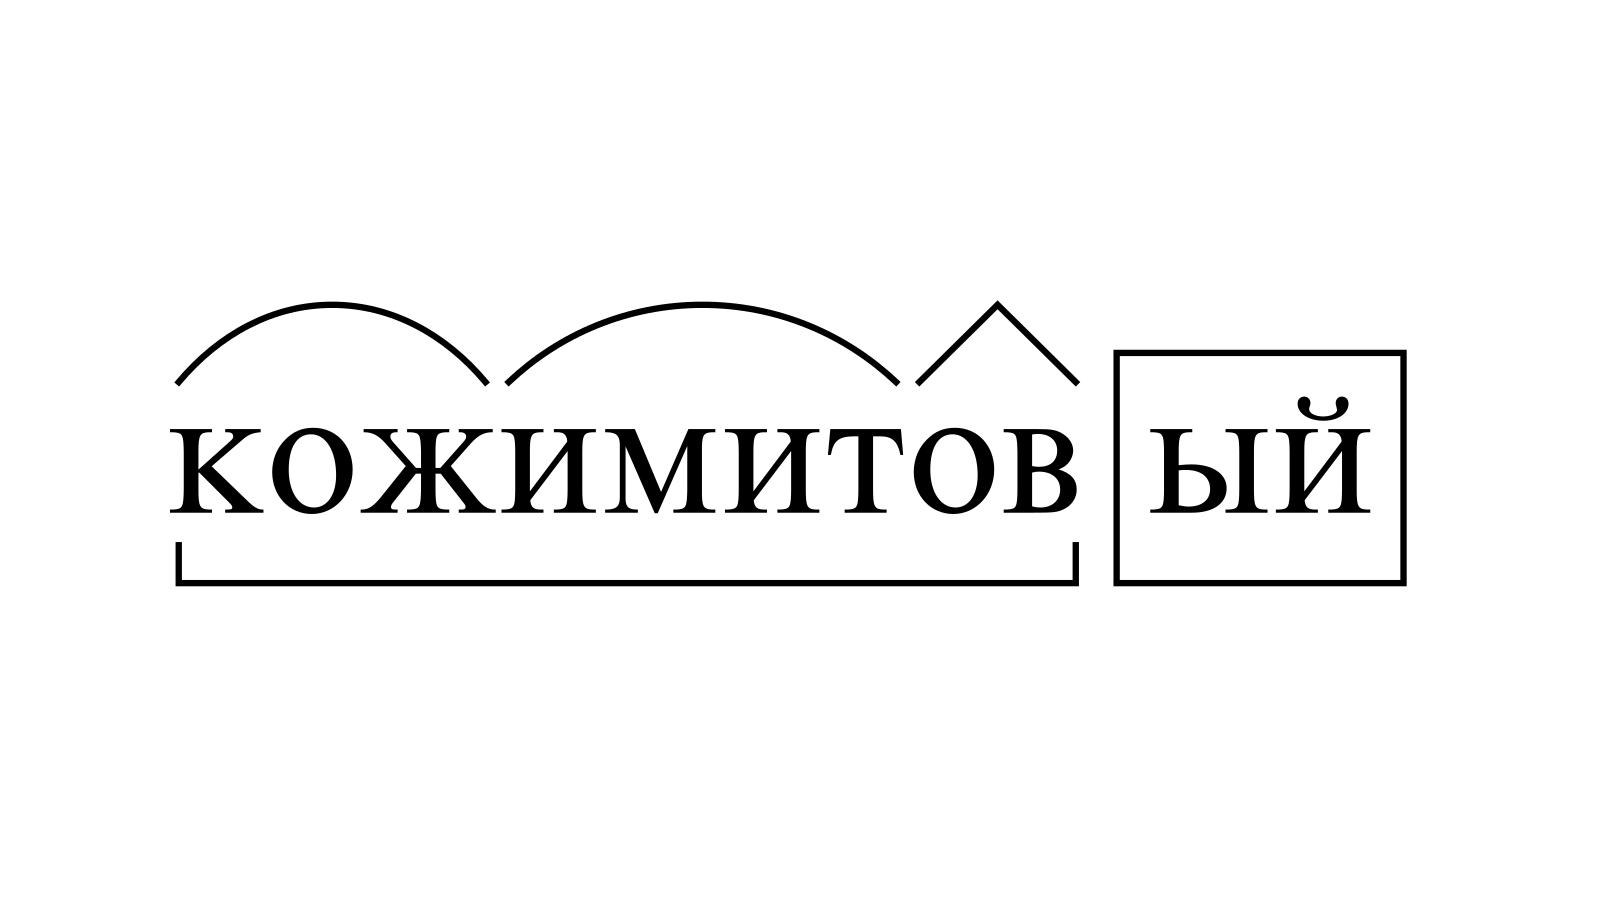 Разбор слова «кожимитовый» по составу